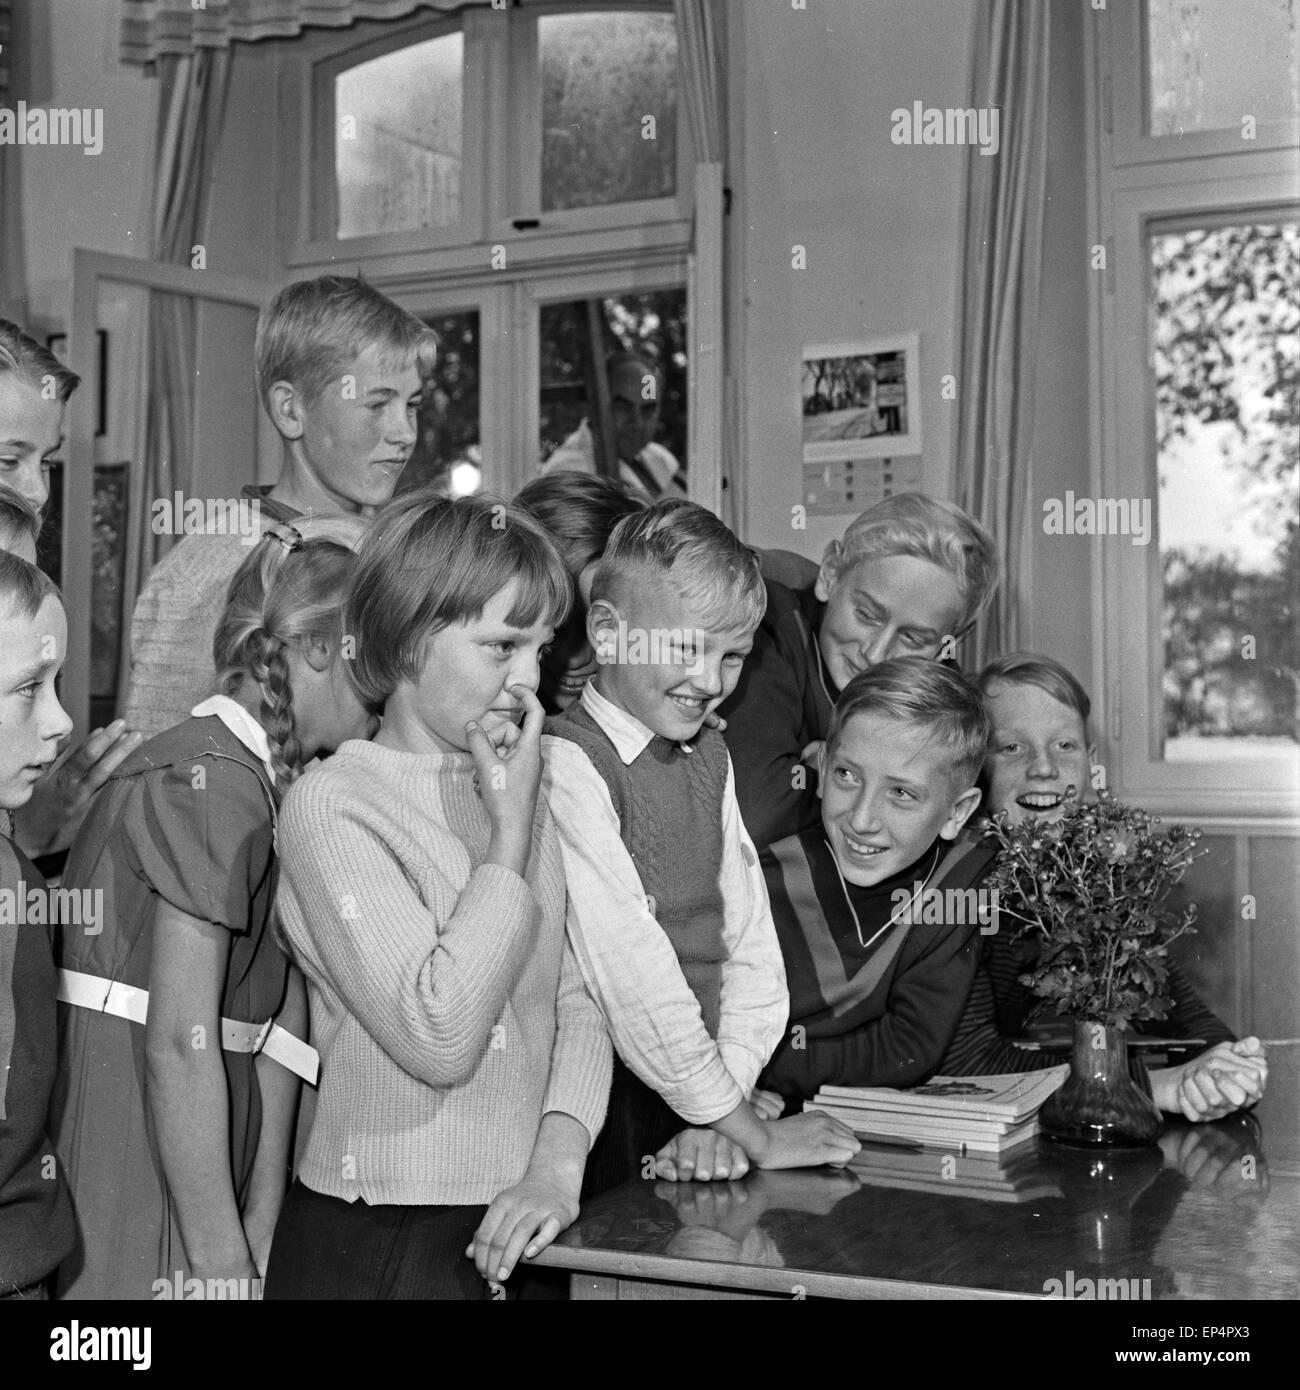 Neugierig warten Die Kinder vom Schulgebäude am Fenster en Lüdersbüttel im Kreis Norderdithmarschen en Schleswig Holstein am Tag Foto de stock